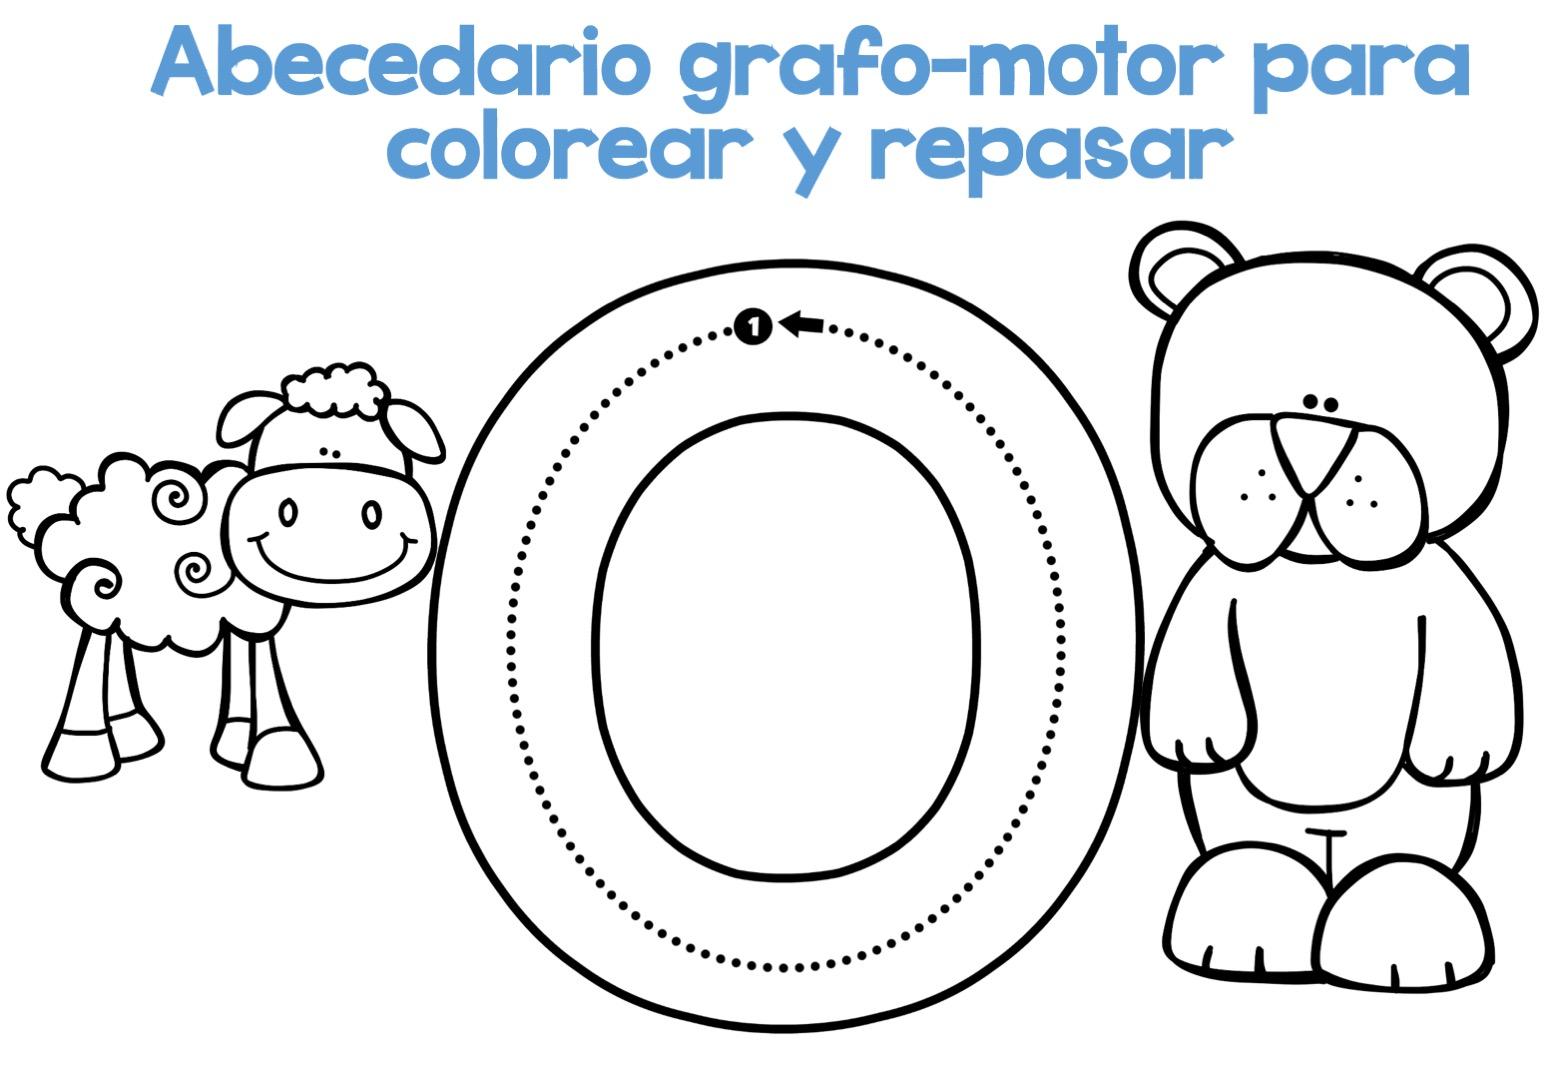 Completo Abecedario grafo-motor para colorear y repasar16 ...